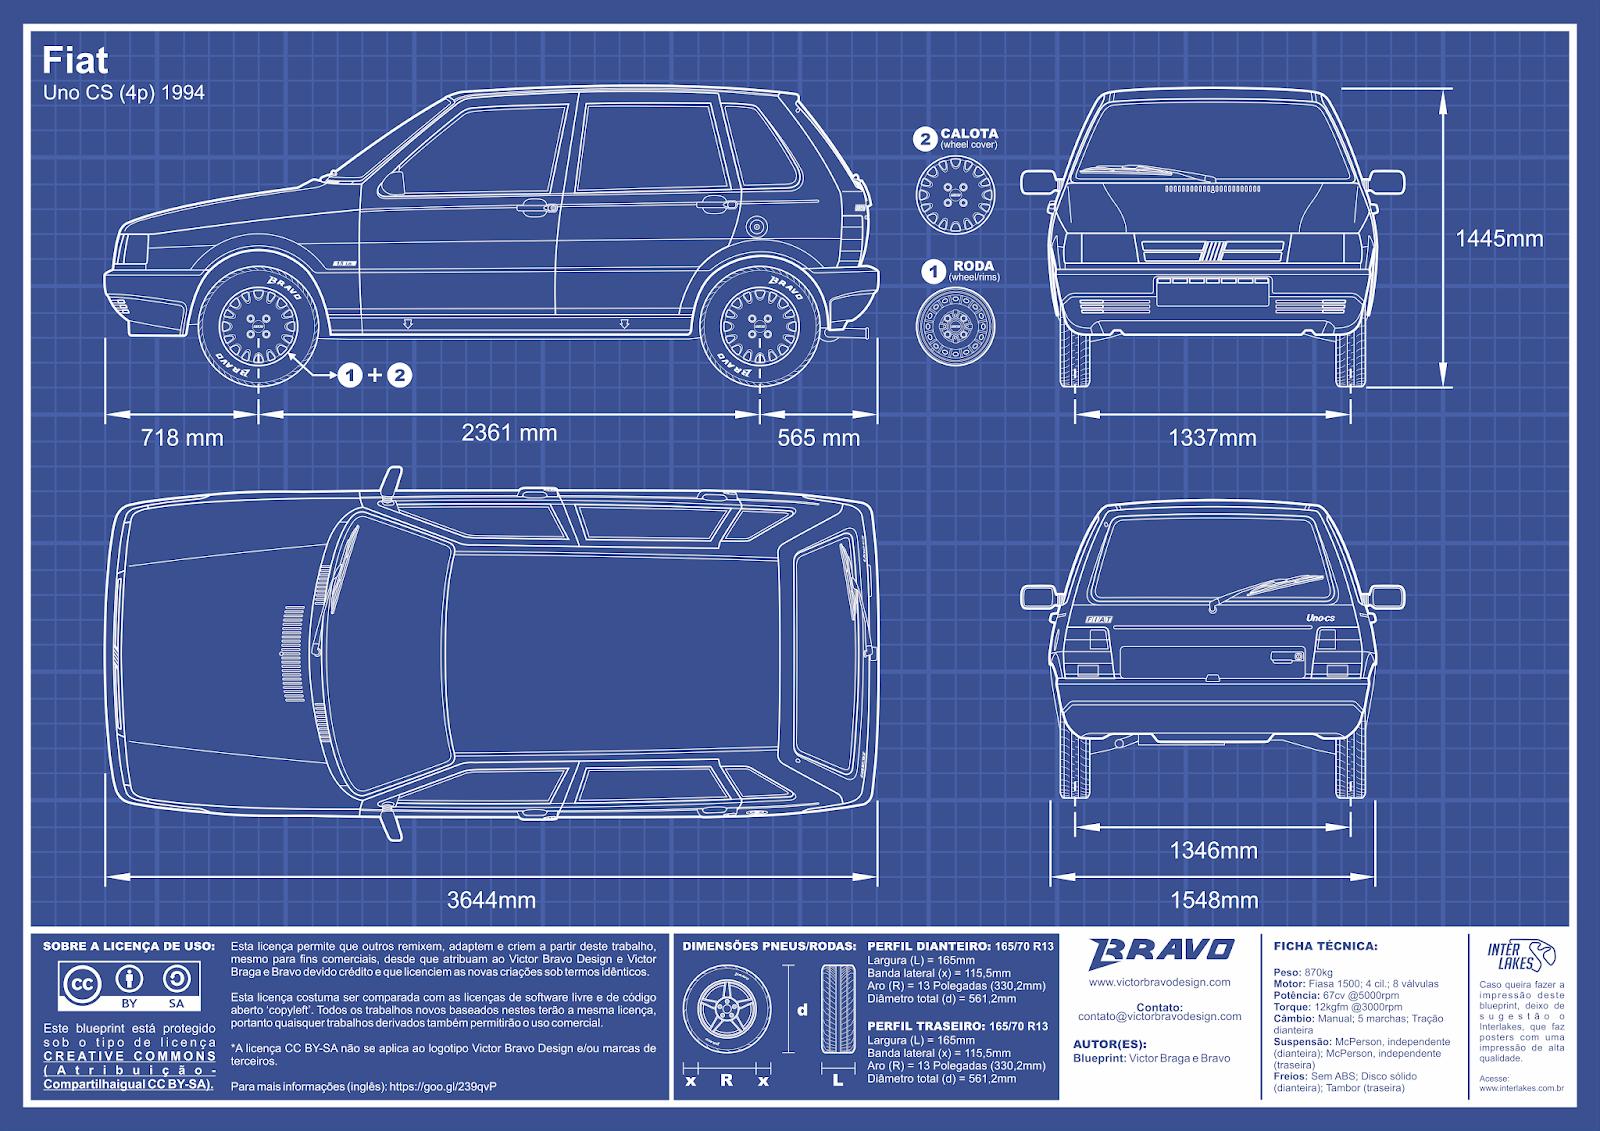 Imagem mostrando o desenho do blueprint do Fiat Uno CS (4p) 1994